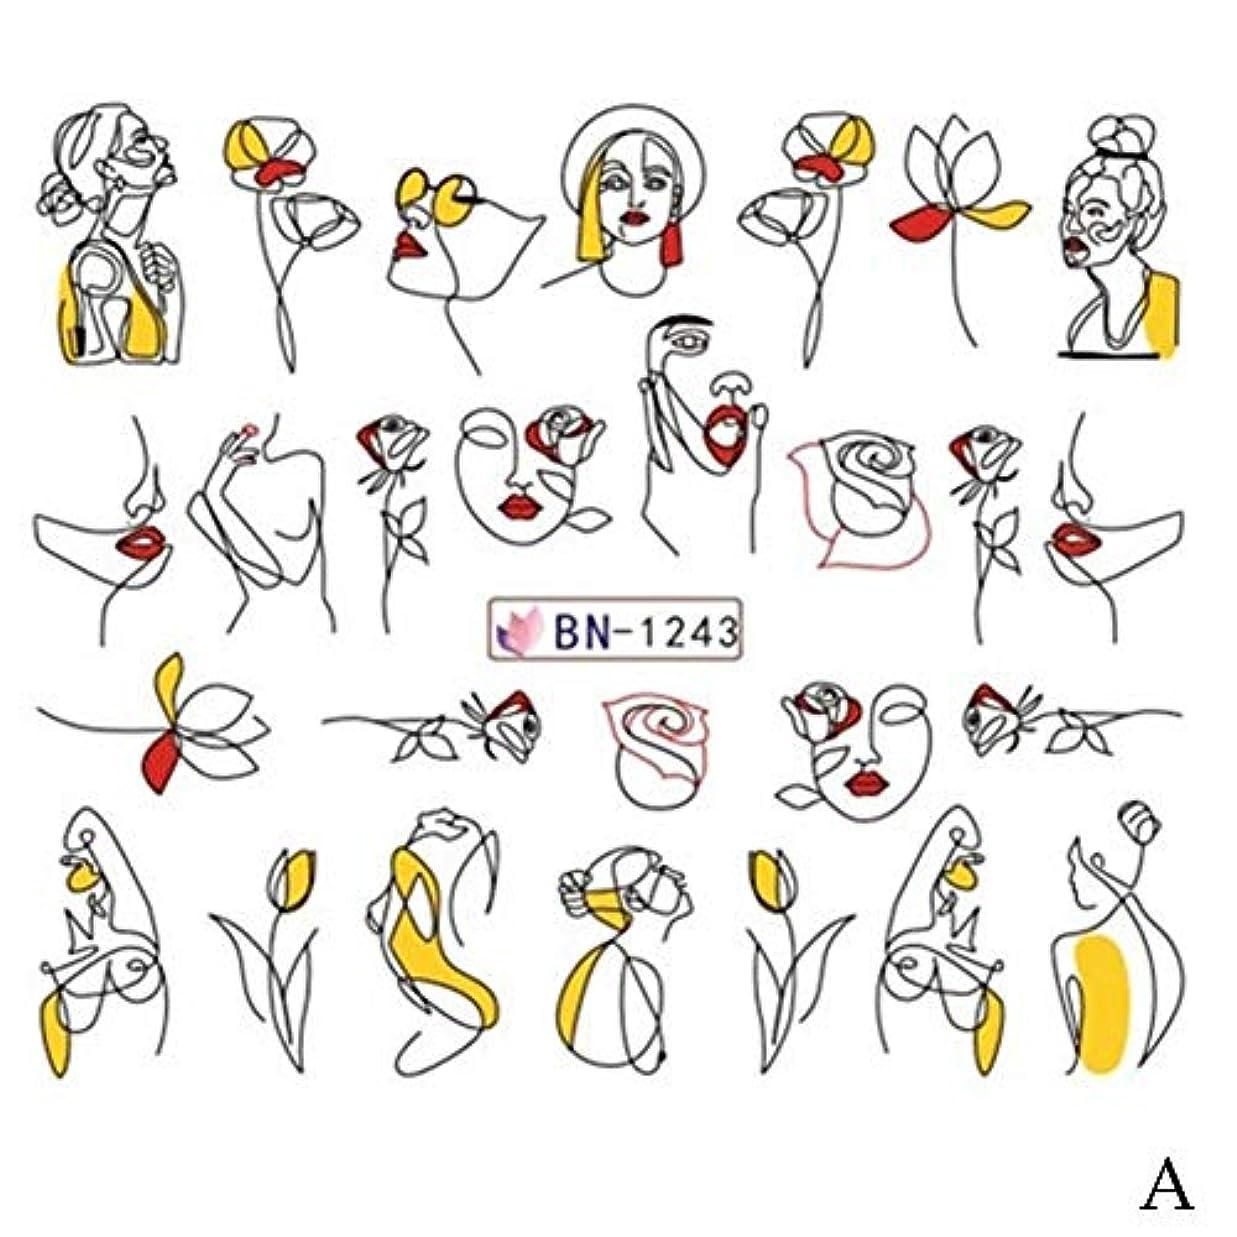 BETTER YOU (ベター ュー) 透かしネイルステッカー、性格、女の子ネイルステッカー、ネイルジュエリー (A 01)